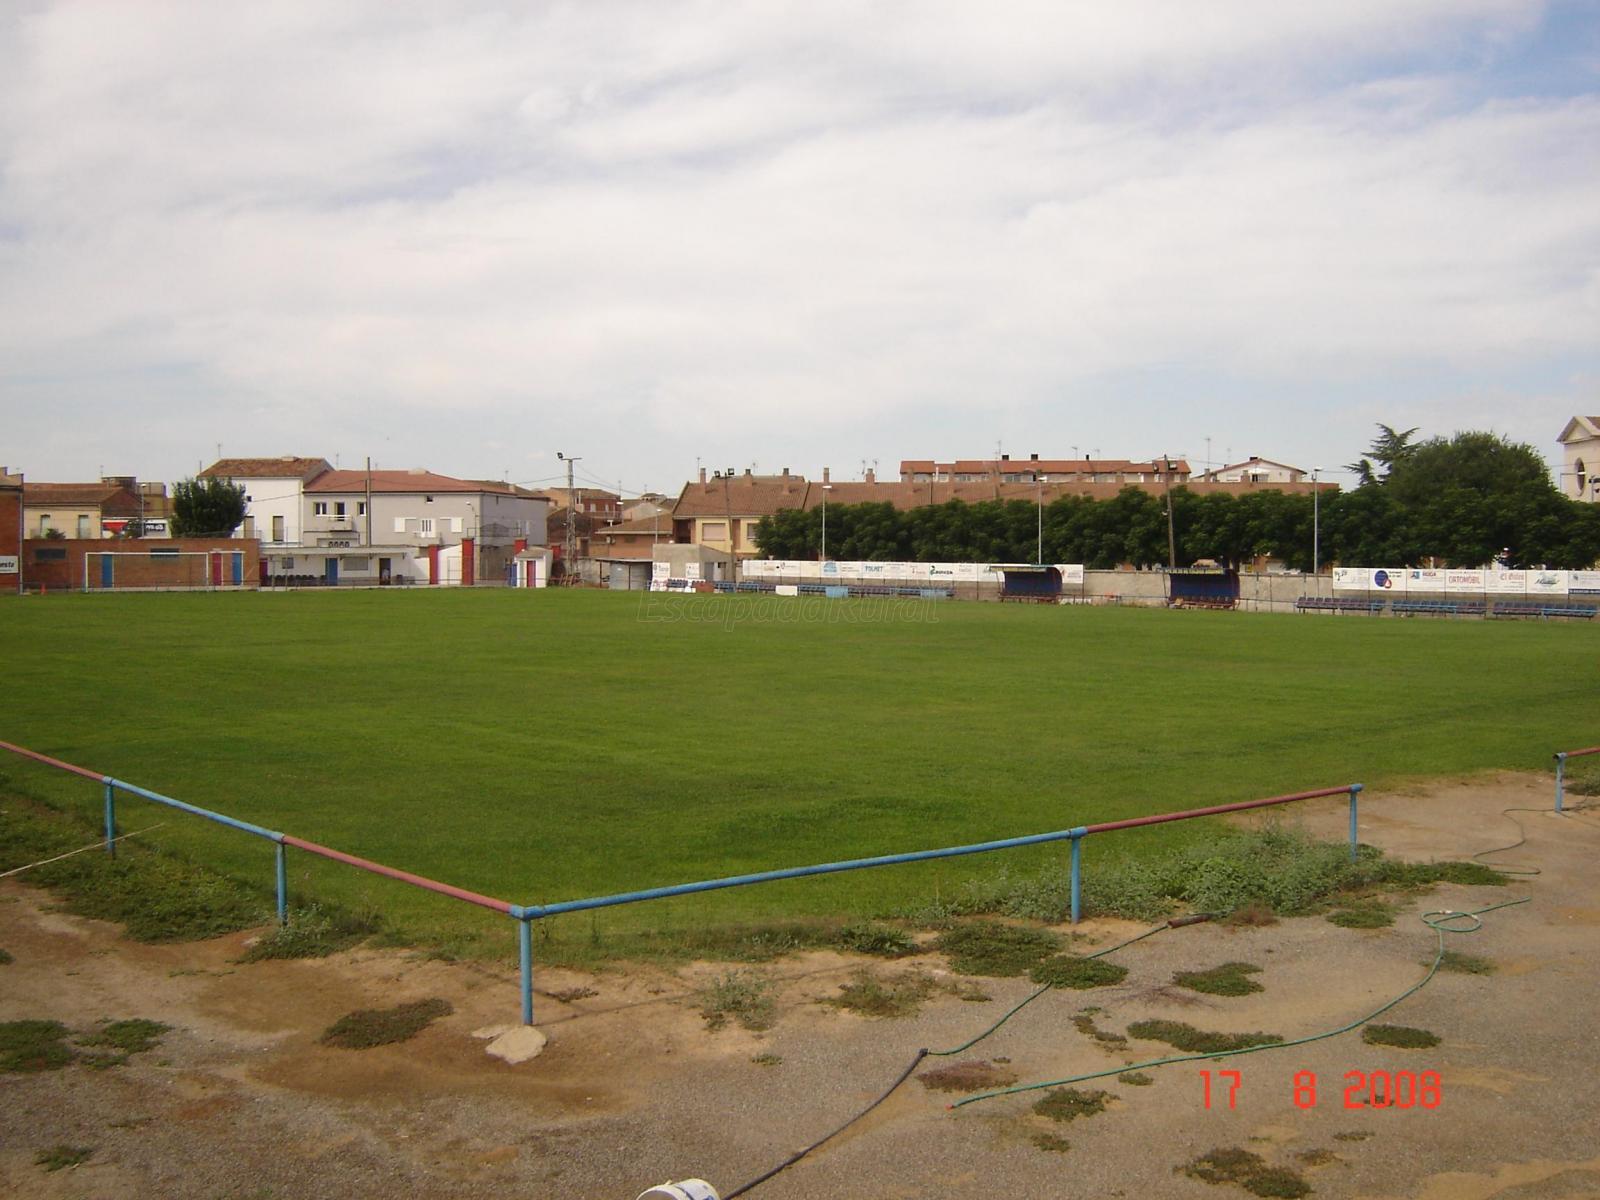 Vilanova de la Barca (Lleida): Qué ver y dónde dormir